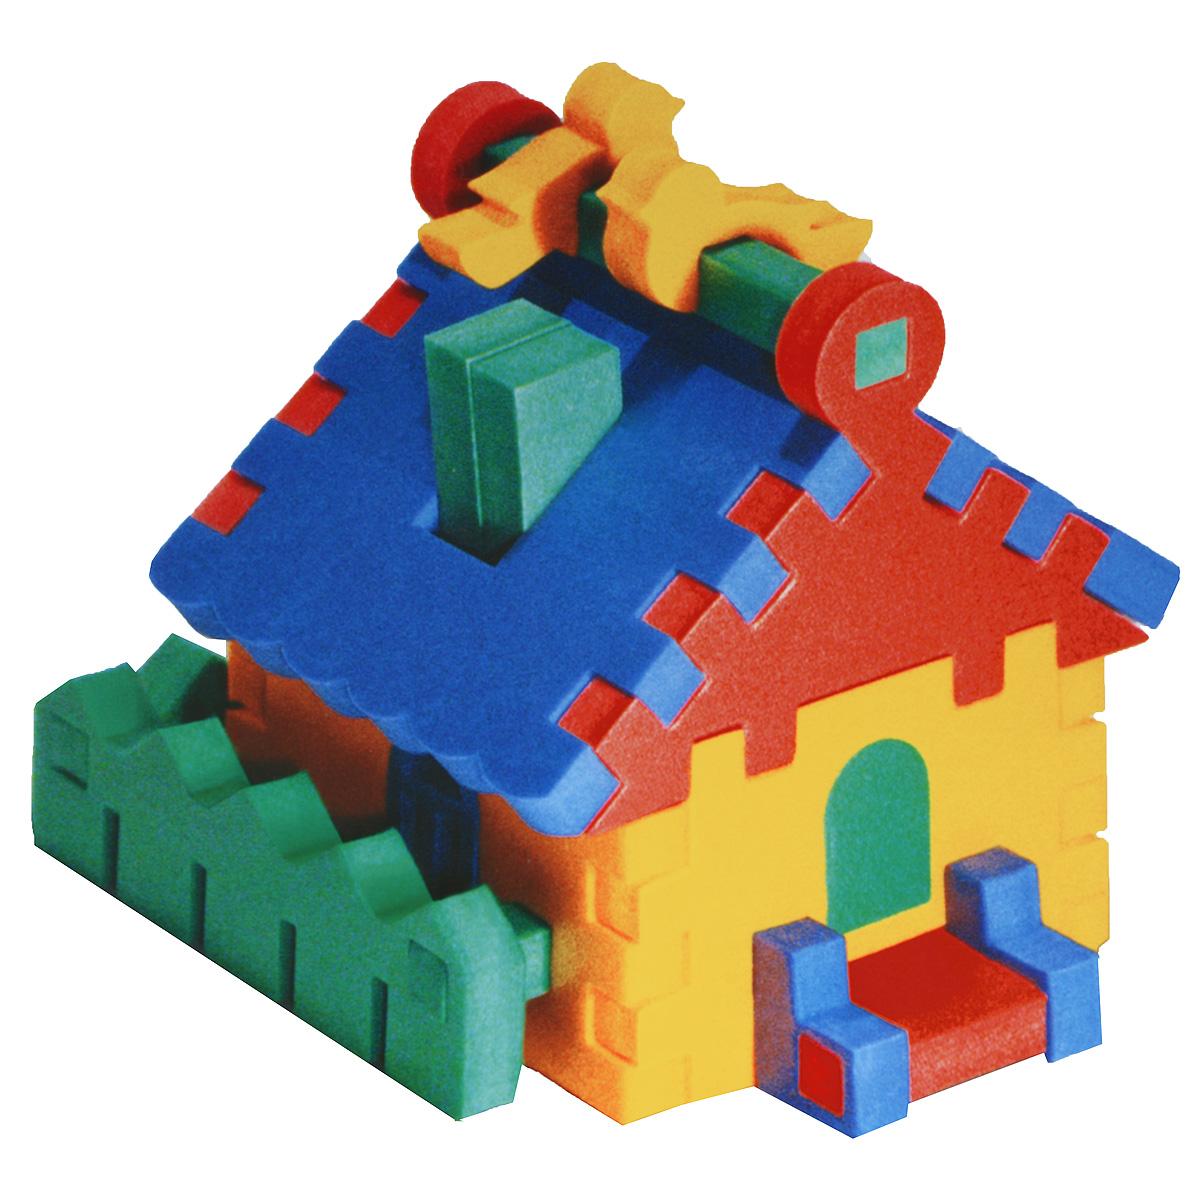 Флексика Мягкий конструктор Домик45360Мягкий конструктор-пирамидка Домик привлечет внимание малыша и не позволит ему скучать. Элементы конструктора выполнены из мягкого, эластичного, прочного материала, который обеспечивает большую долговечность и является абсолютно безопасным для детей. Благодаря особой структуре и свойству материала прилипать к мокрой поверхности, конструктор является идеальной игрушкой для ванны и сделает процесс купания приятной забавой для ребенка. Мягкий конструктор разовьет у ребенка память, воображение, моторику, пространственное и логическое мышление. Порадуйте его таким замечательным подарком! Характеристики: Размер домика: 10,5 см x 13,5 см x 10,5 см. УВАЖАЕМЫЕ КЛИЕНТЫ! Обращаем ваше внимание на возможные изменения в дизайне, связанные с ассортиментом продукции: цвет изделия или отдельных деталей может отличаться от представленного на изображении. Поставка осуществляется в зависимости от наличия на складе.